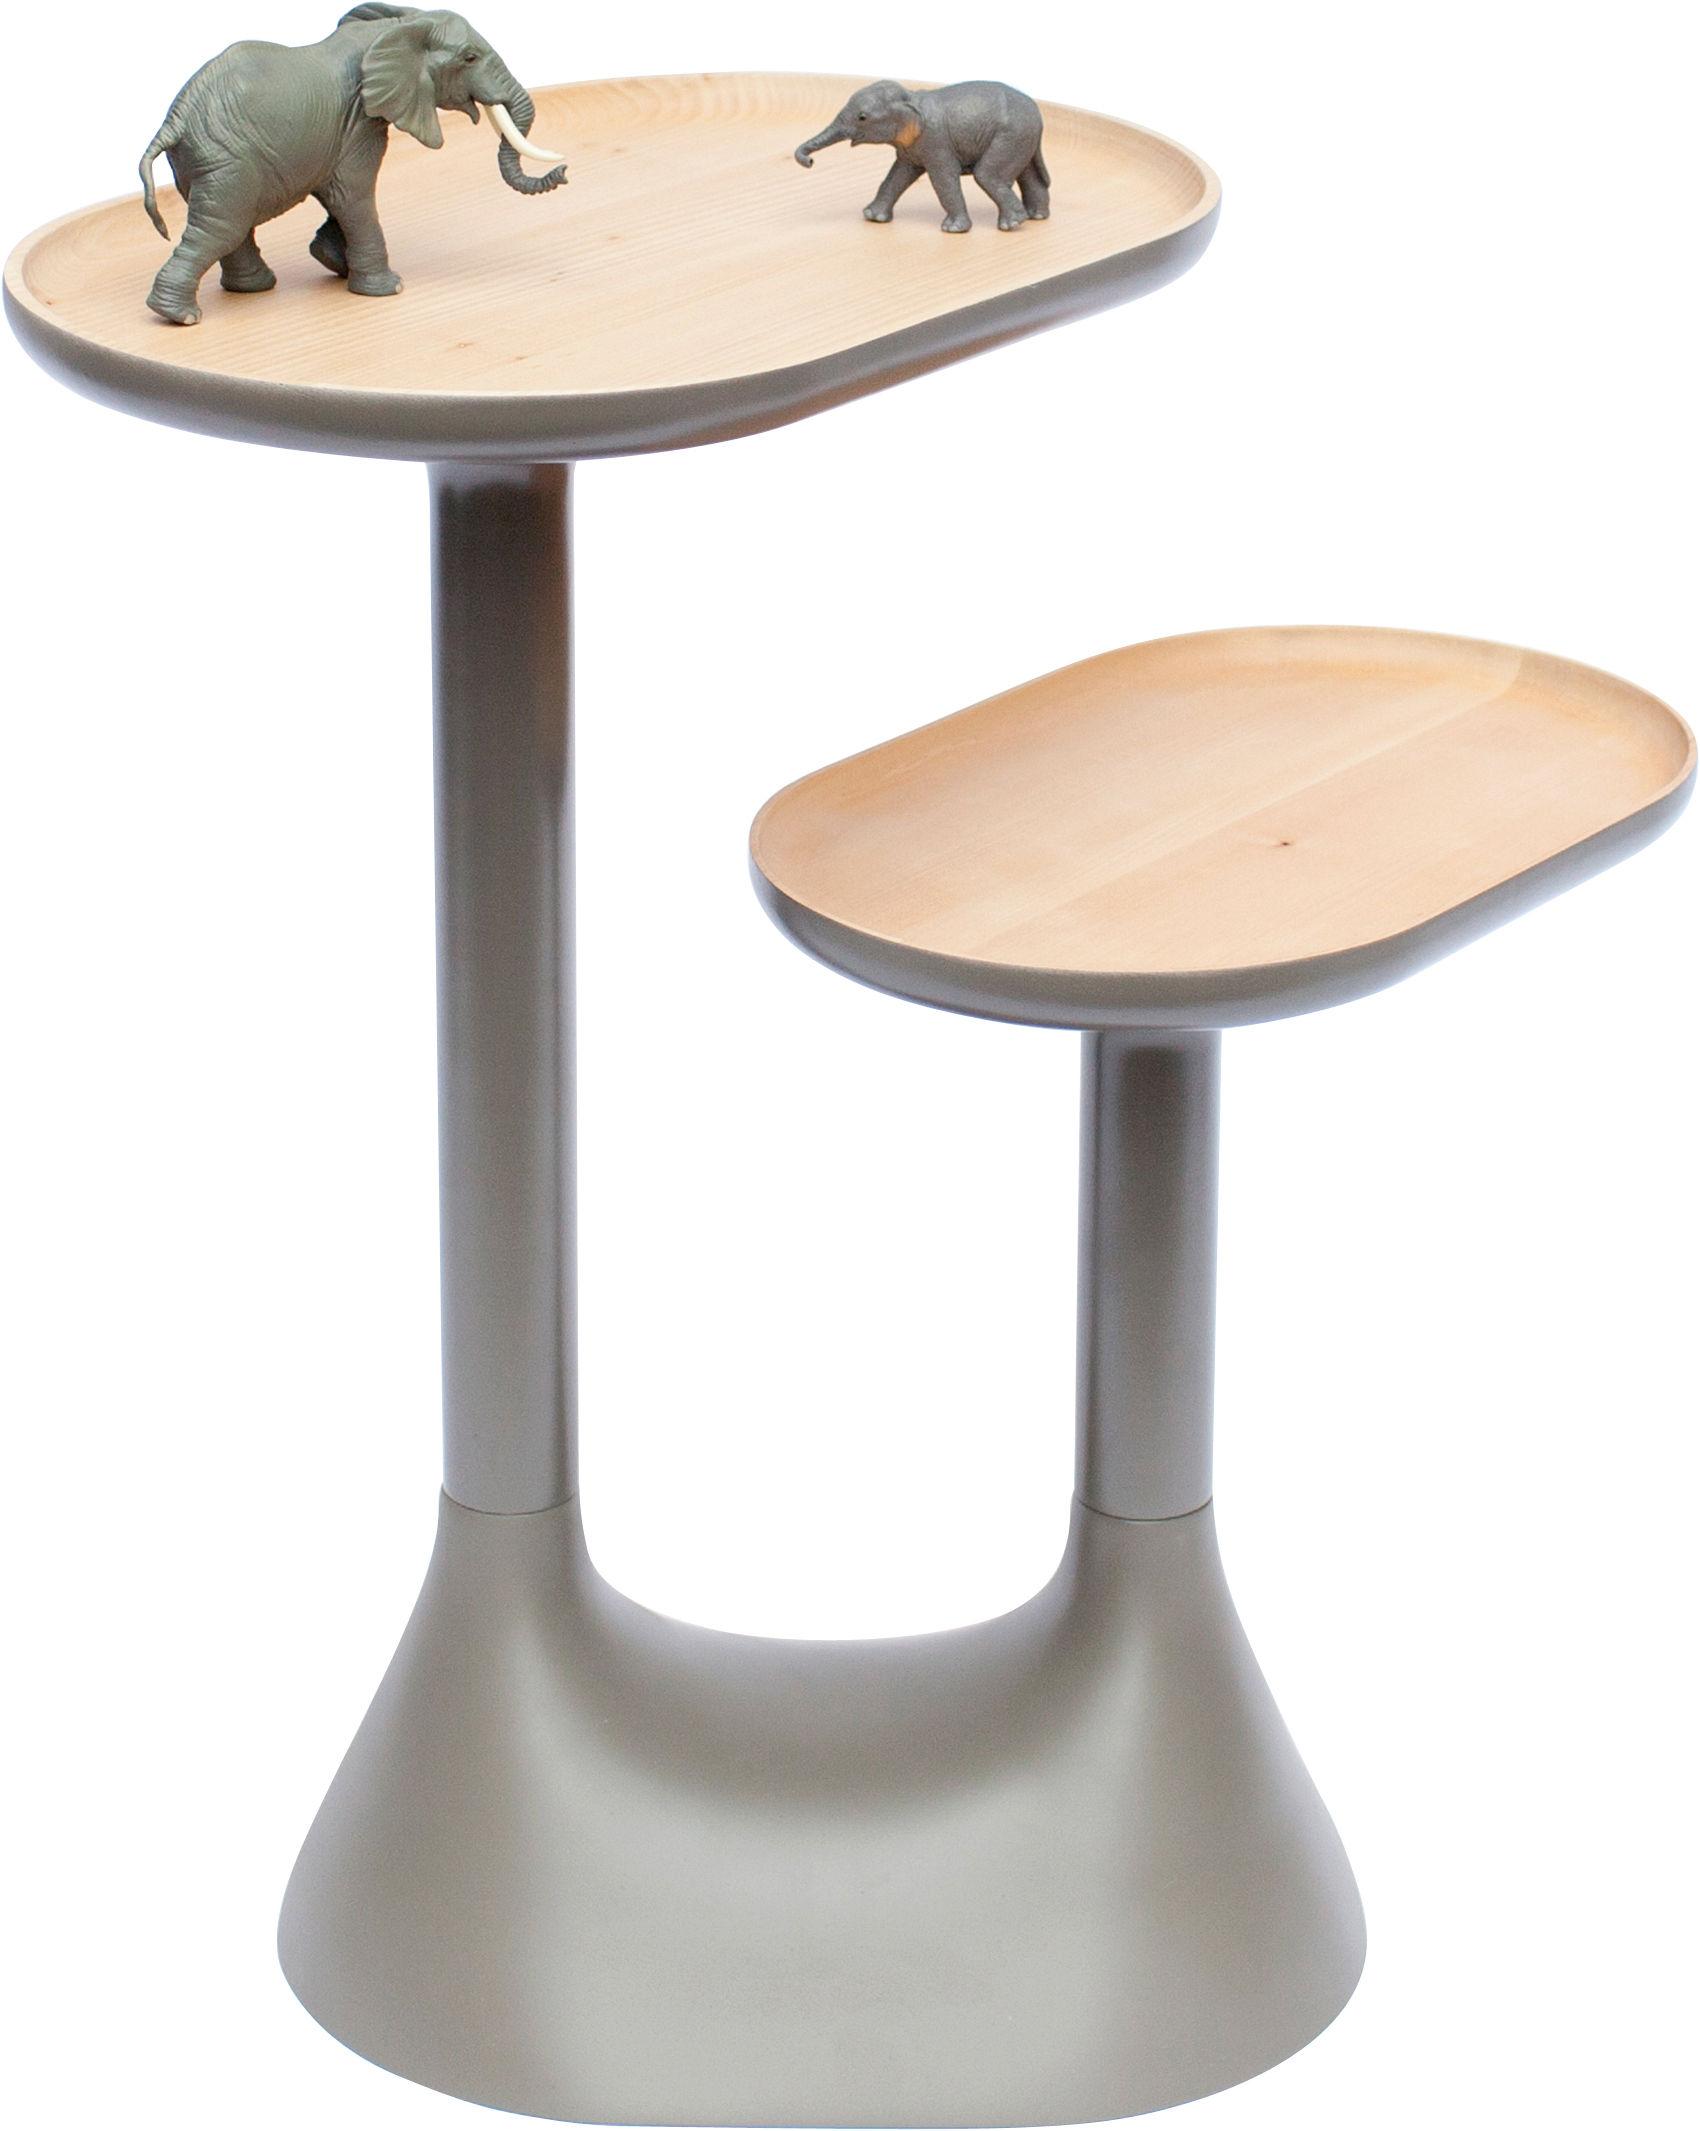 Mobilier - Tables basses - Table basse Baobab /2 plateaux pivotants - Moustache - Gris - Hêtre laqué, Tilleul